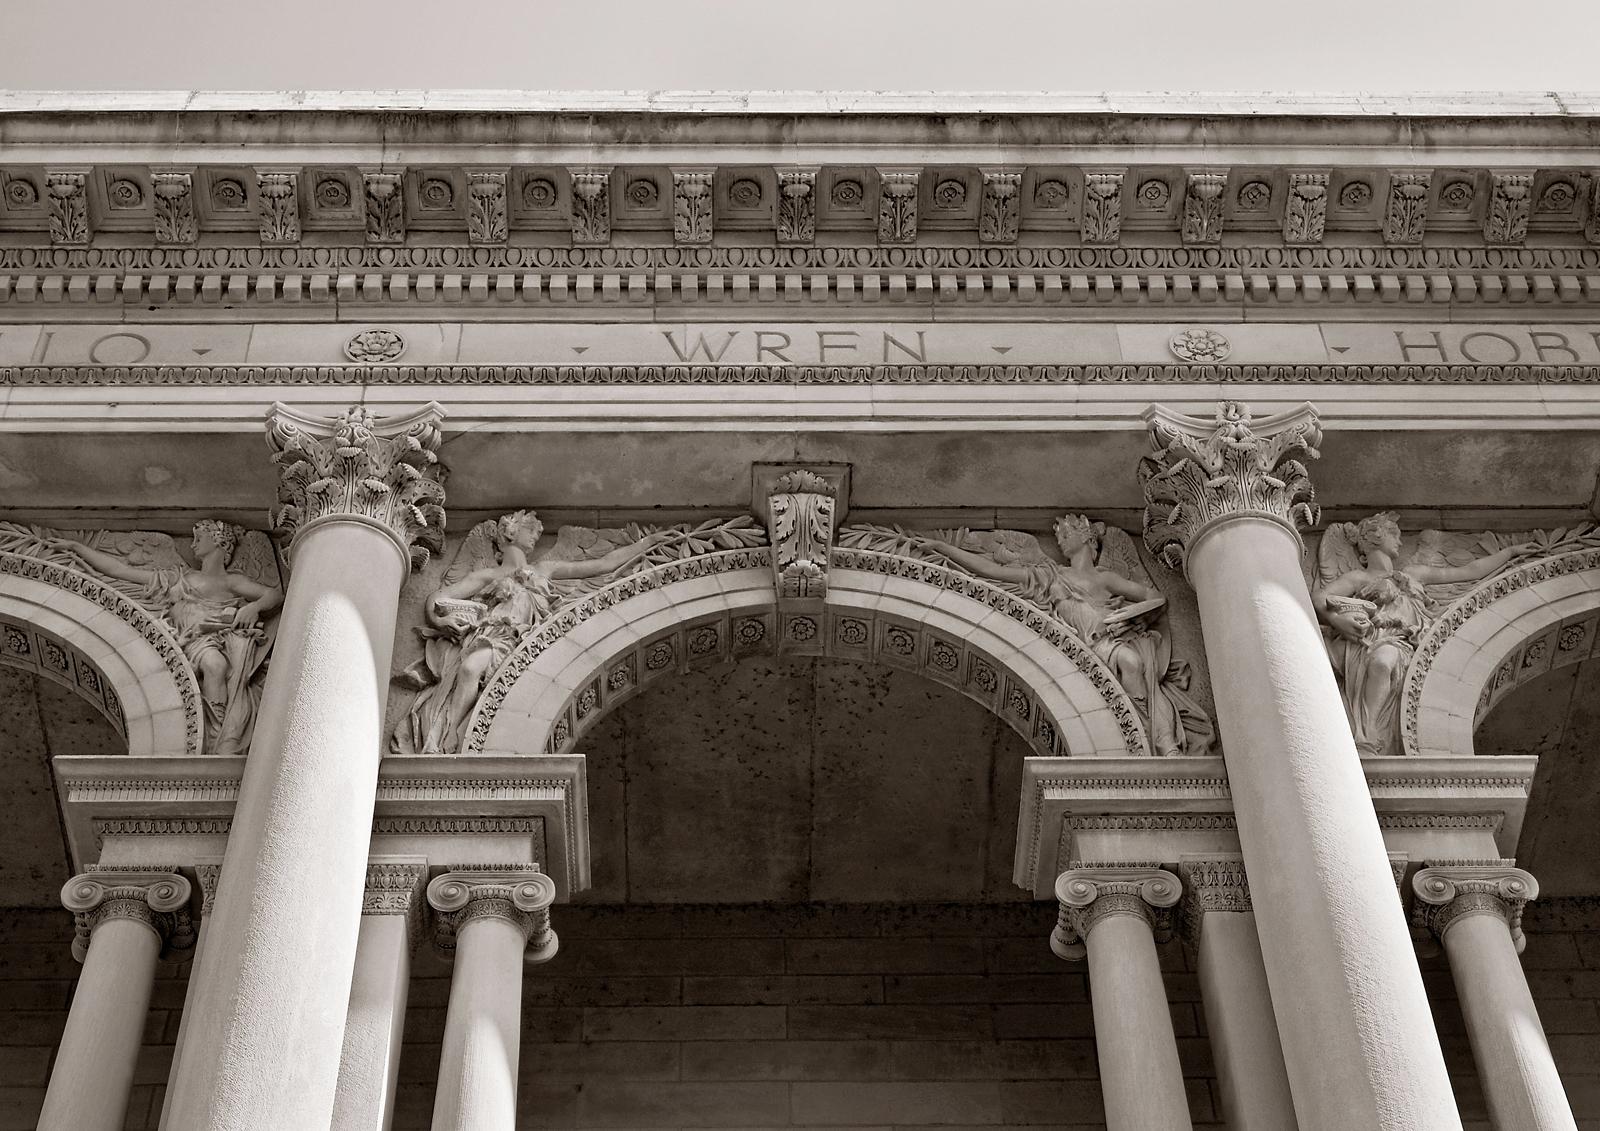 Art-Institute-Frieze-Black-and-White WEB copy.jpg